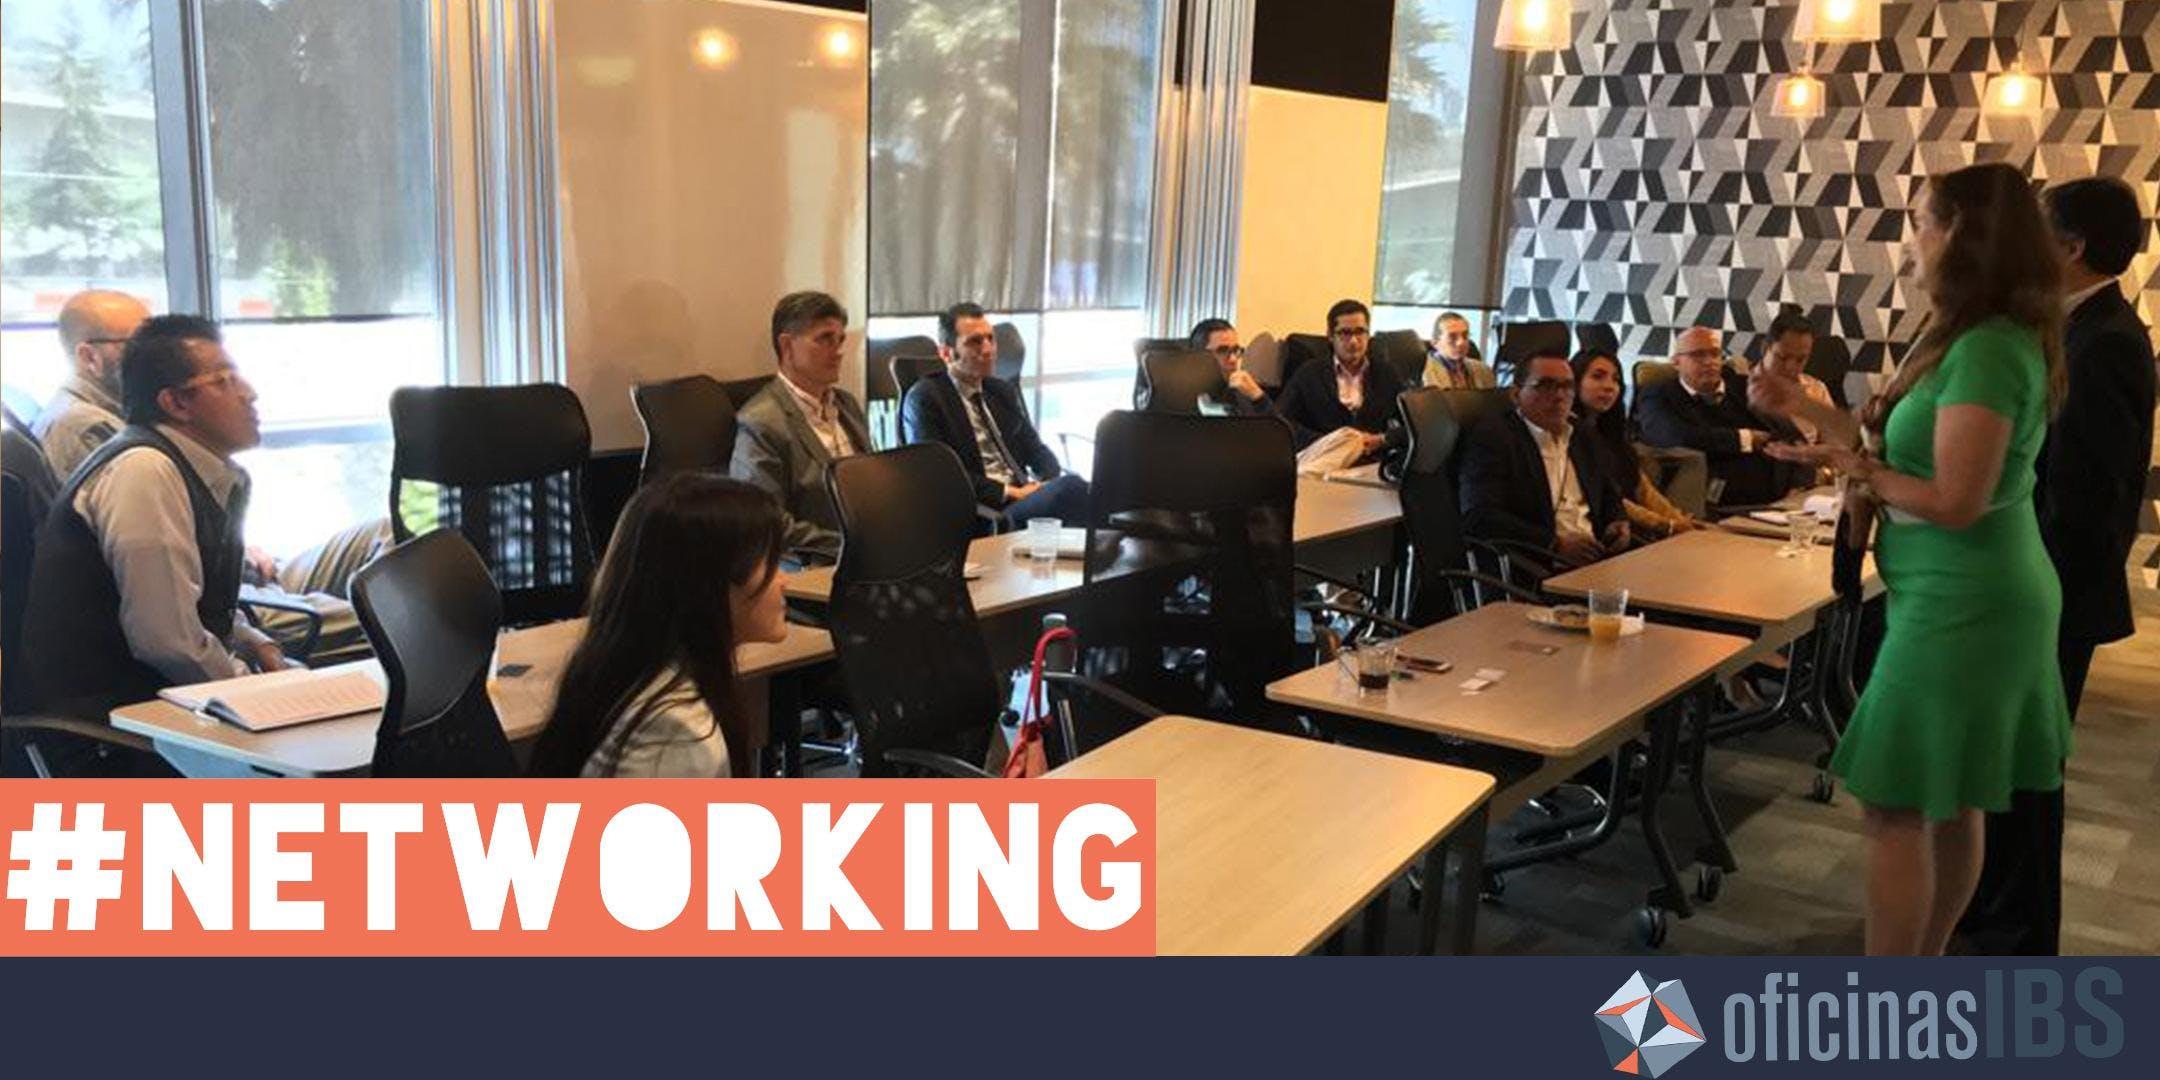 """Networking Oficinas IBS - """"Habilidades de Per"""